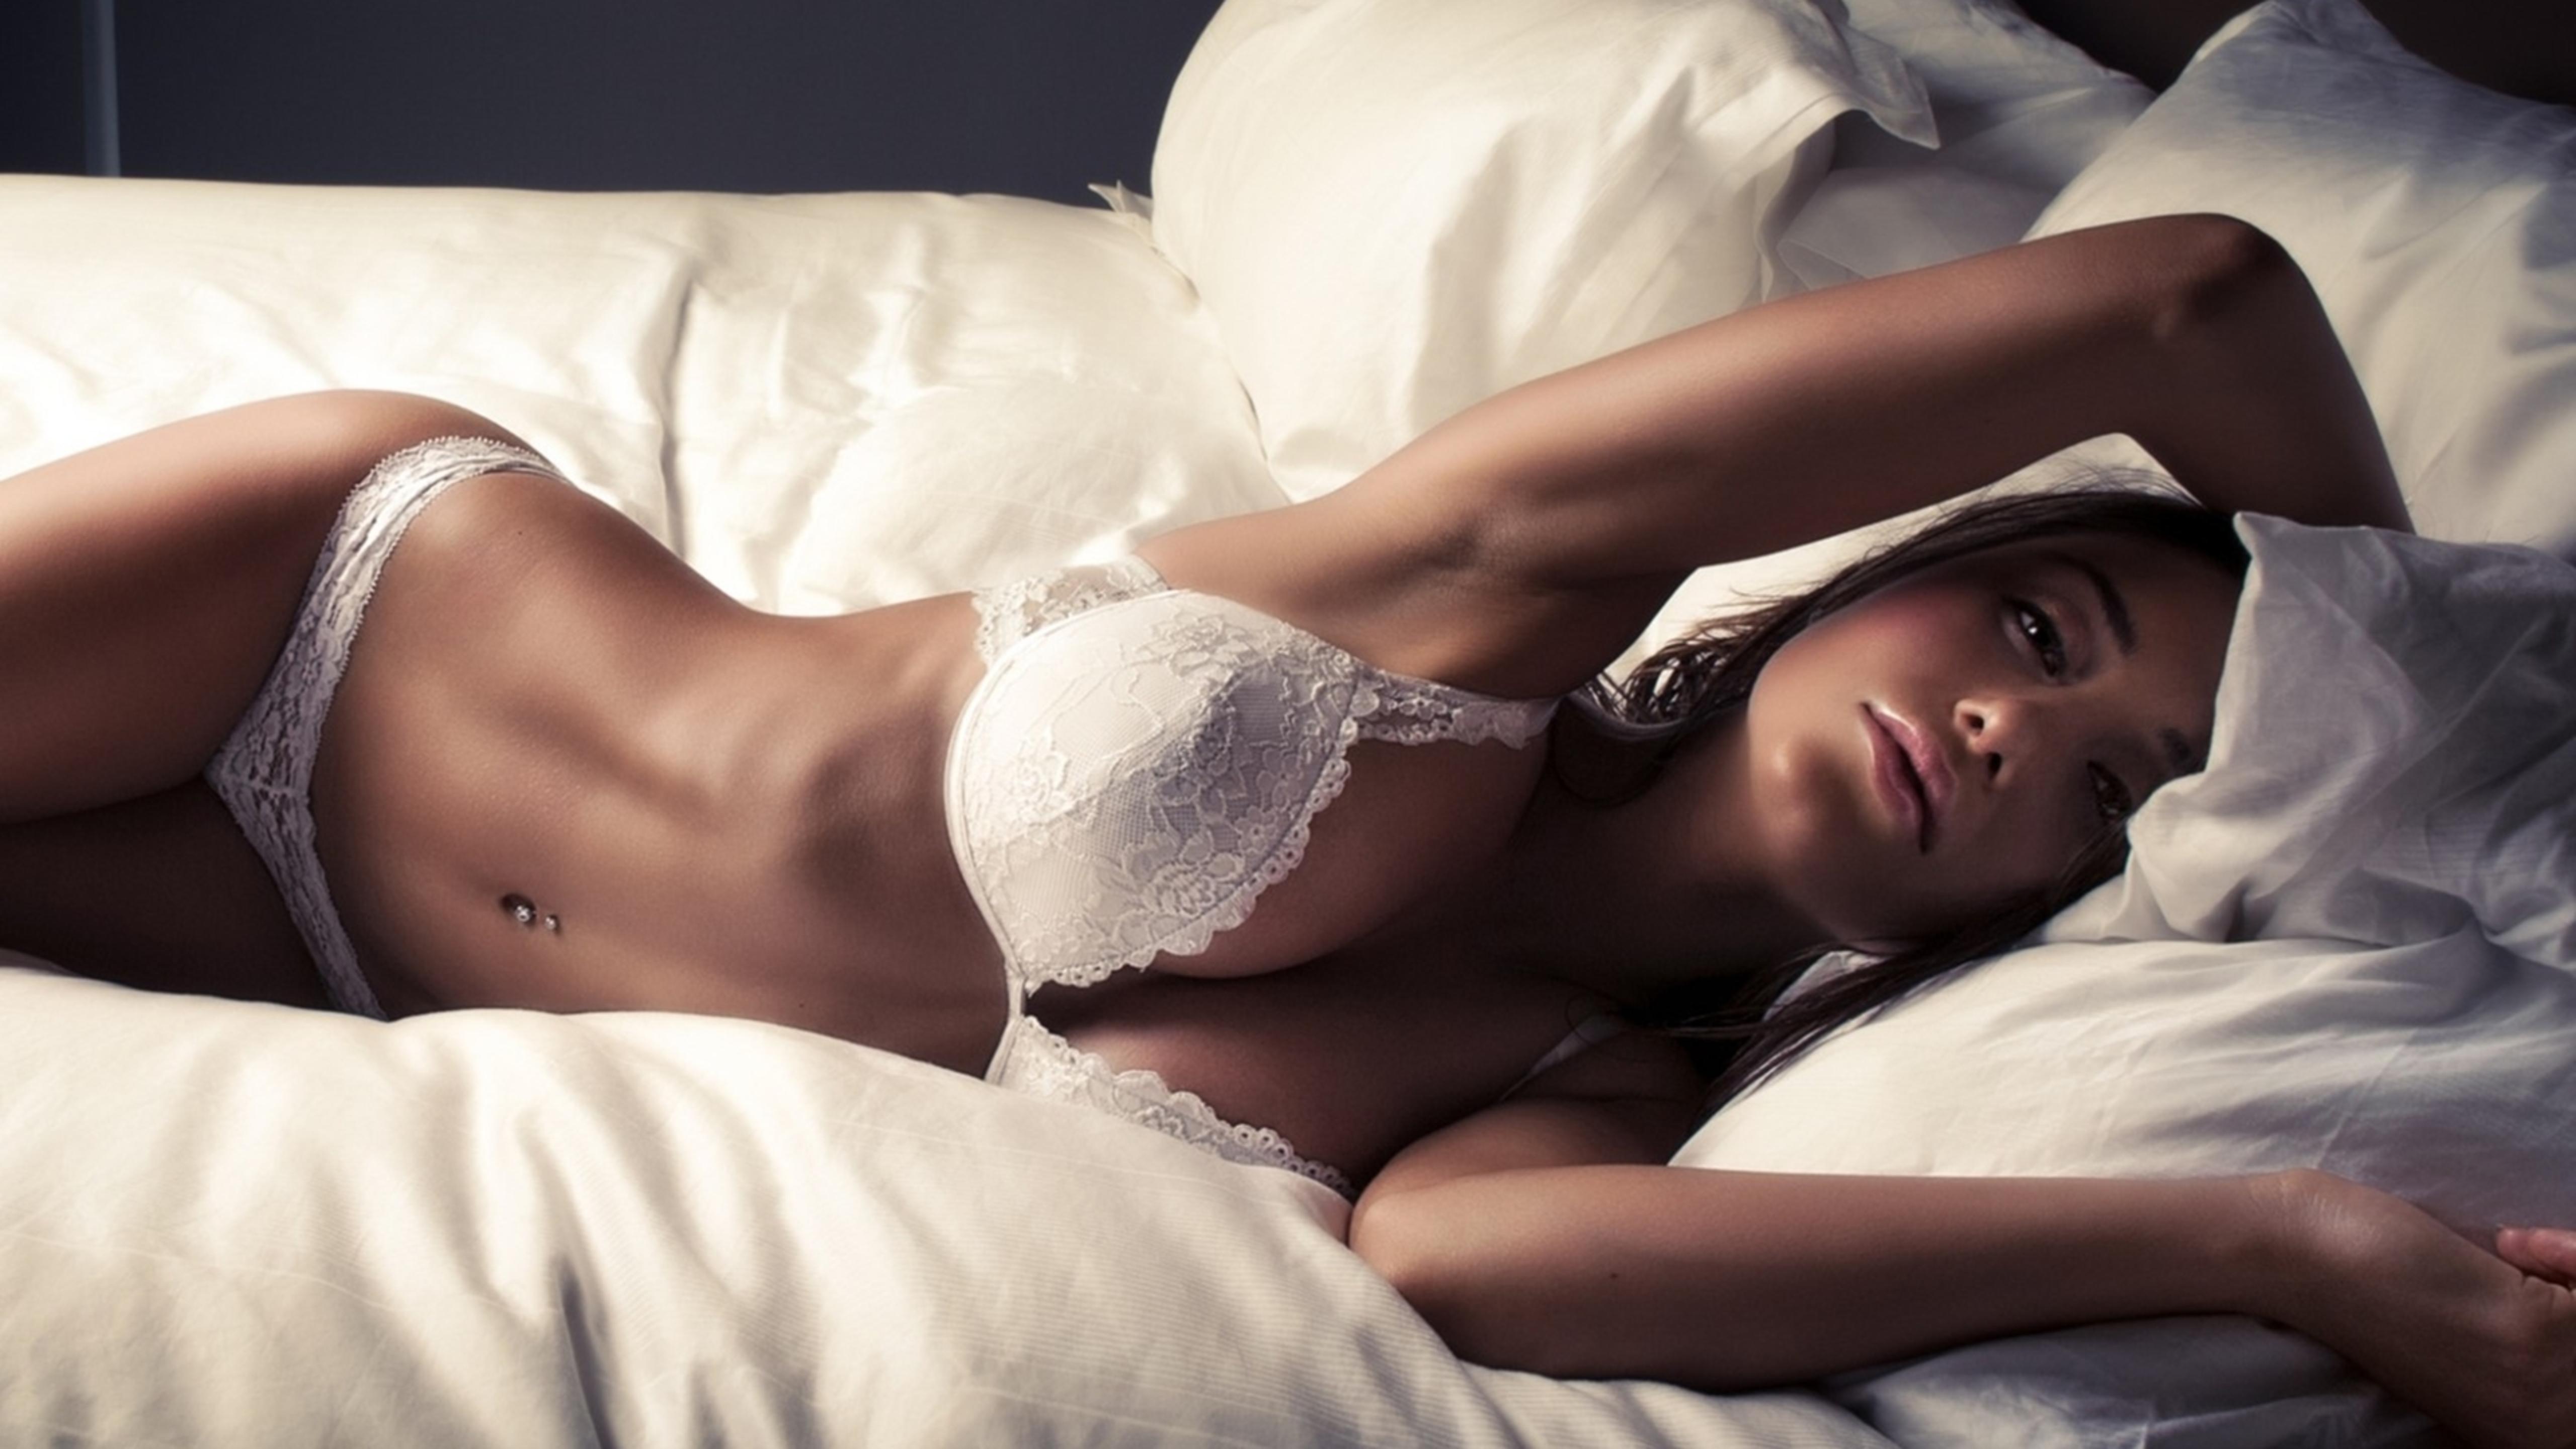 hot eyes girl in lingerie